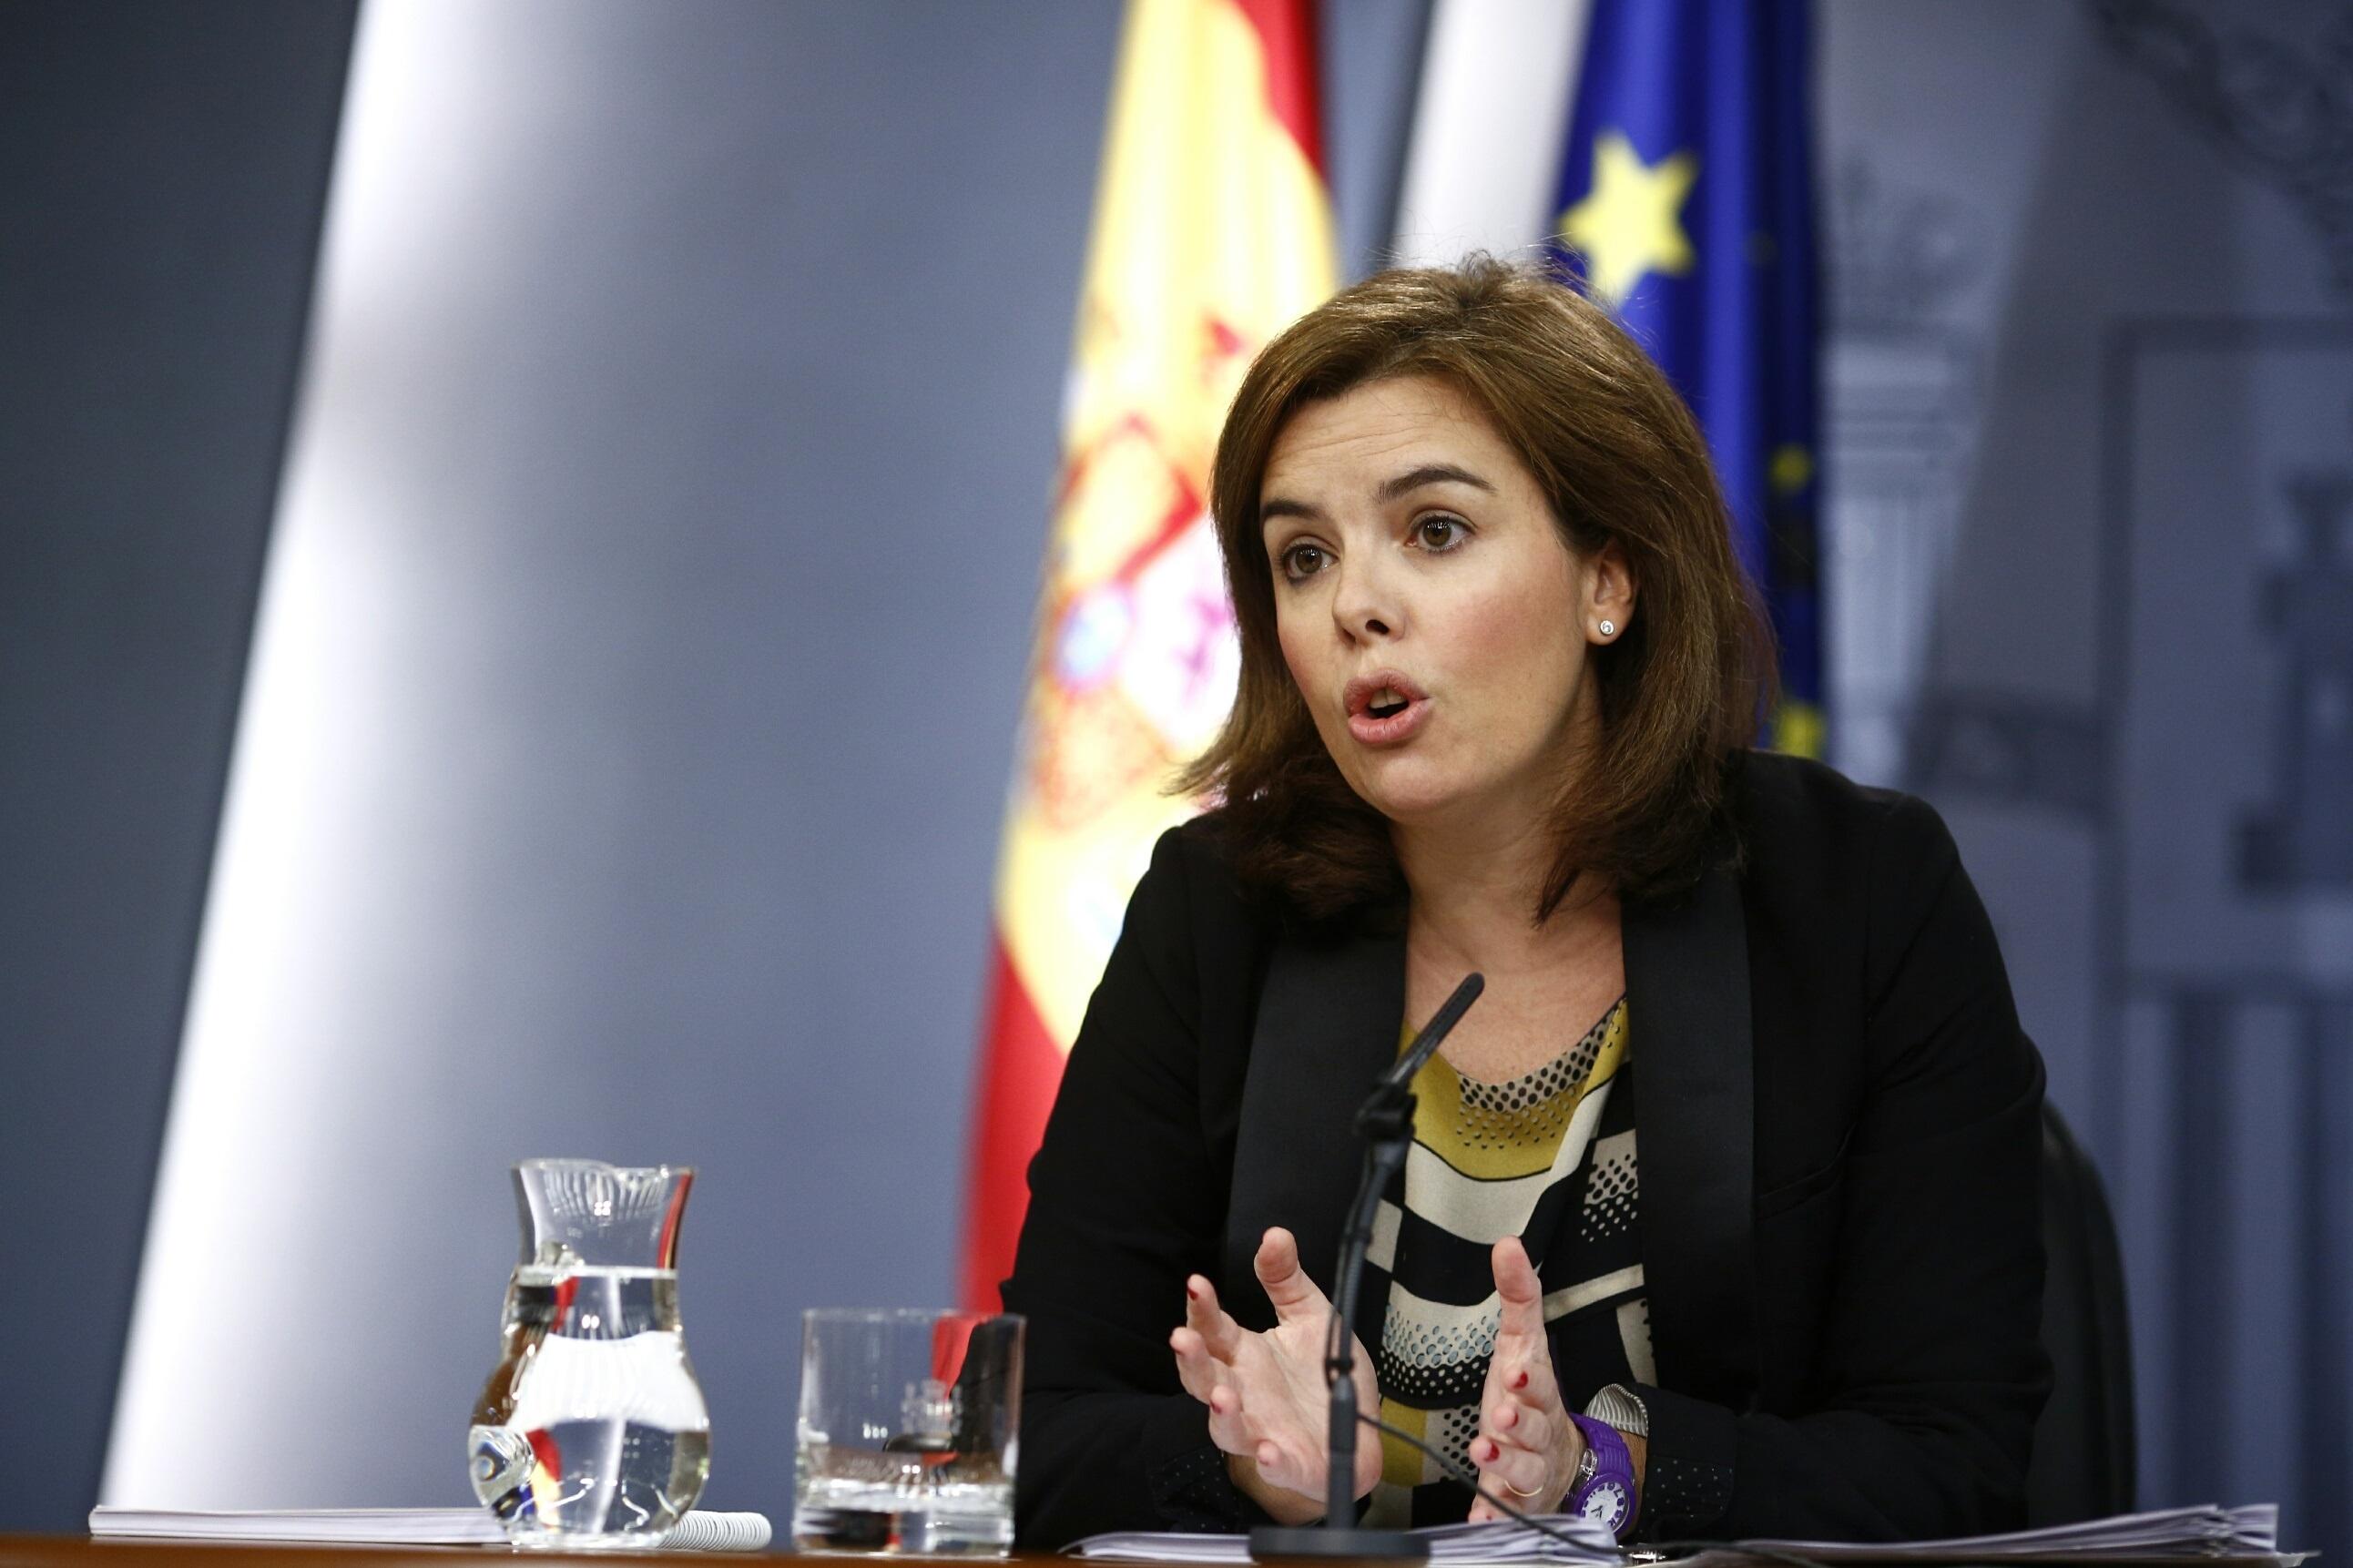 El Gobierno destina 1,52 millones de euros a la Comunitat para programas de agricultura y ganadería